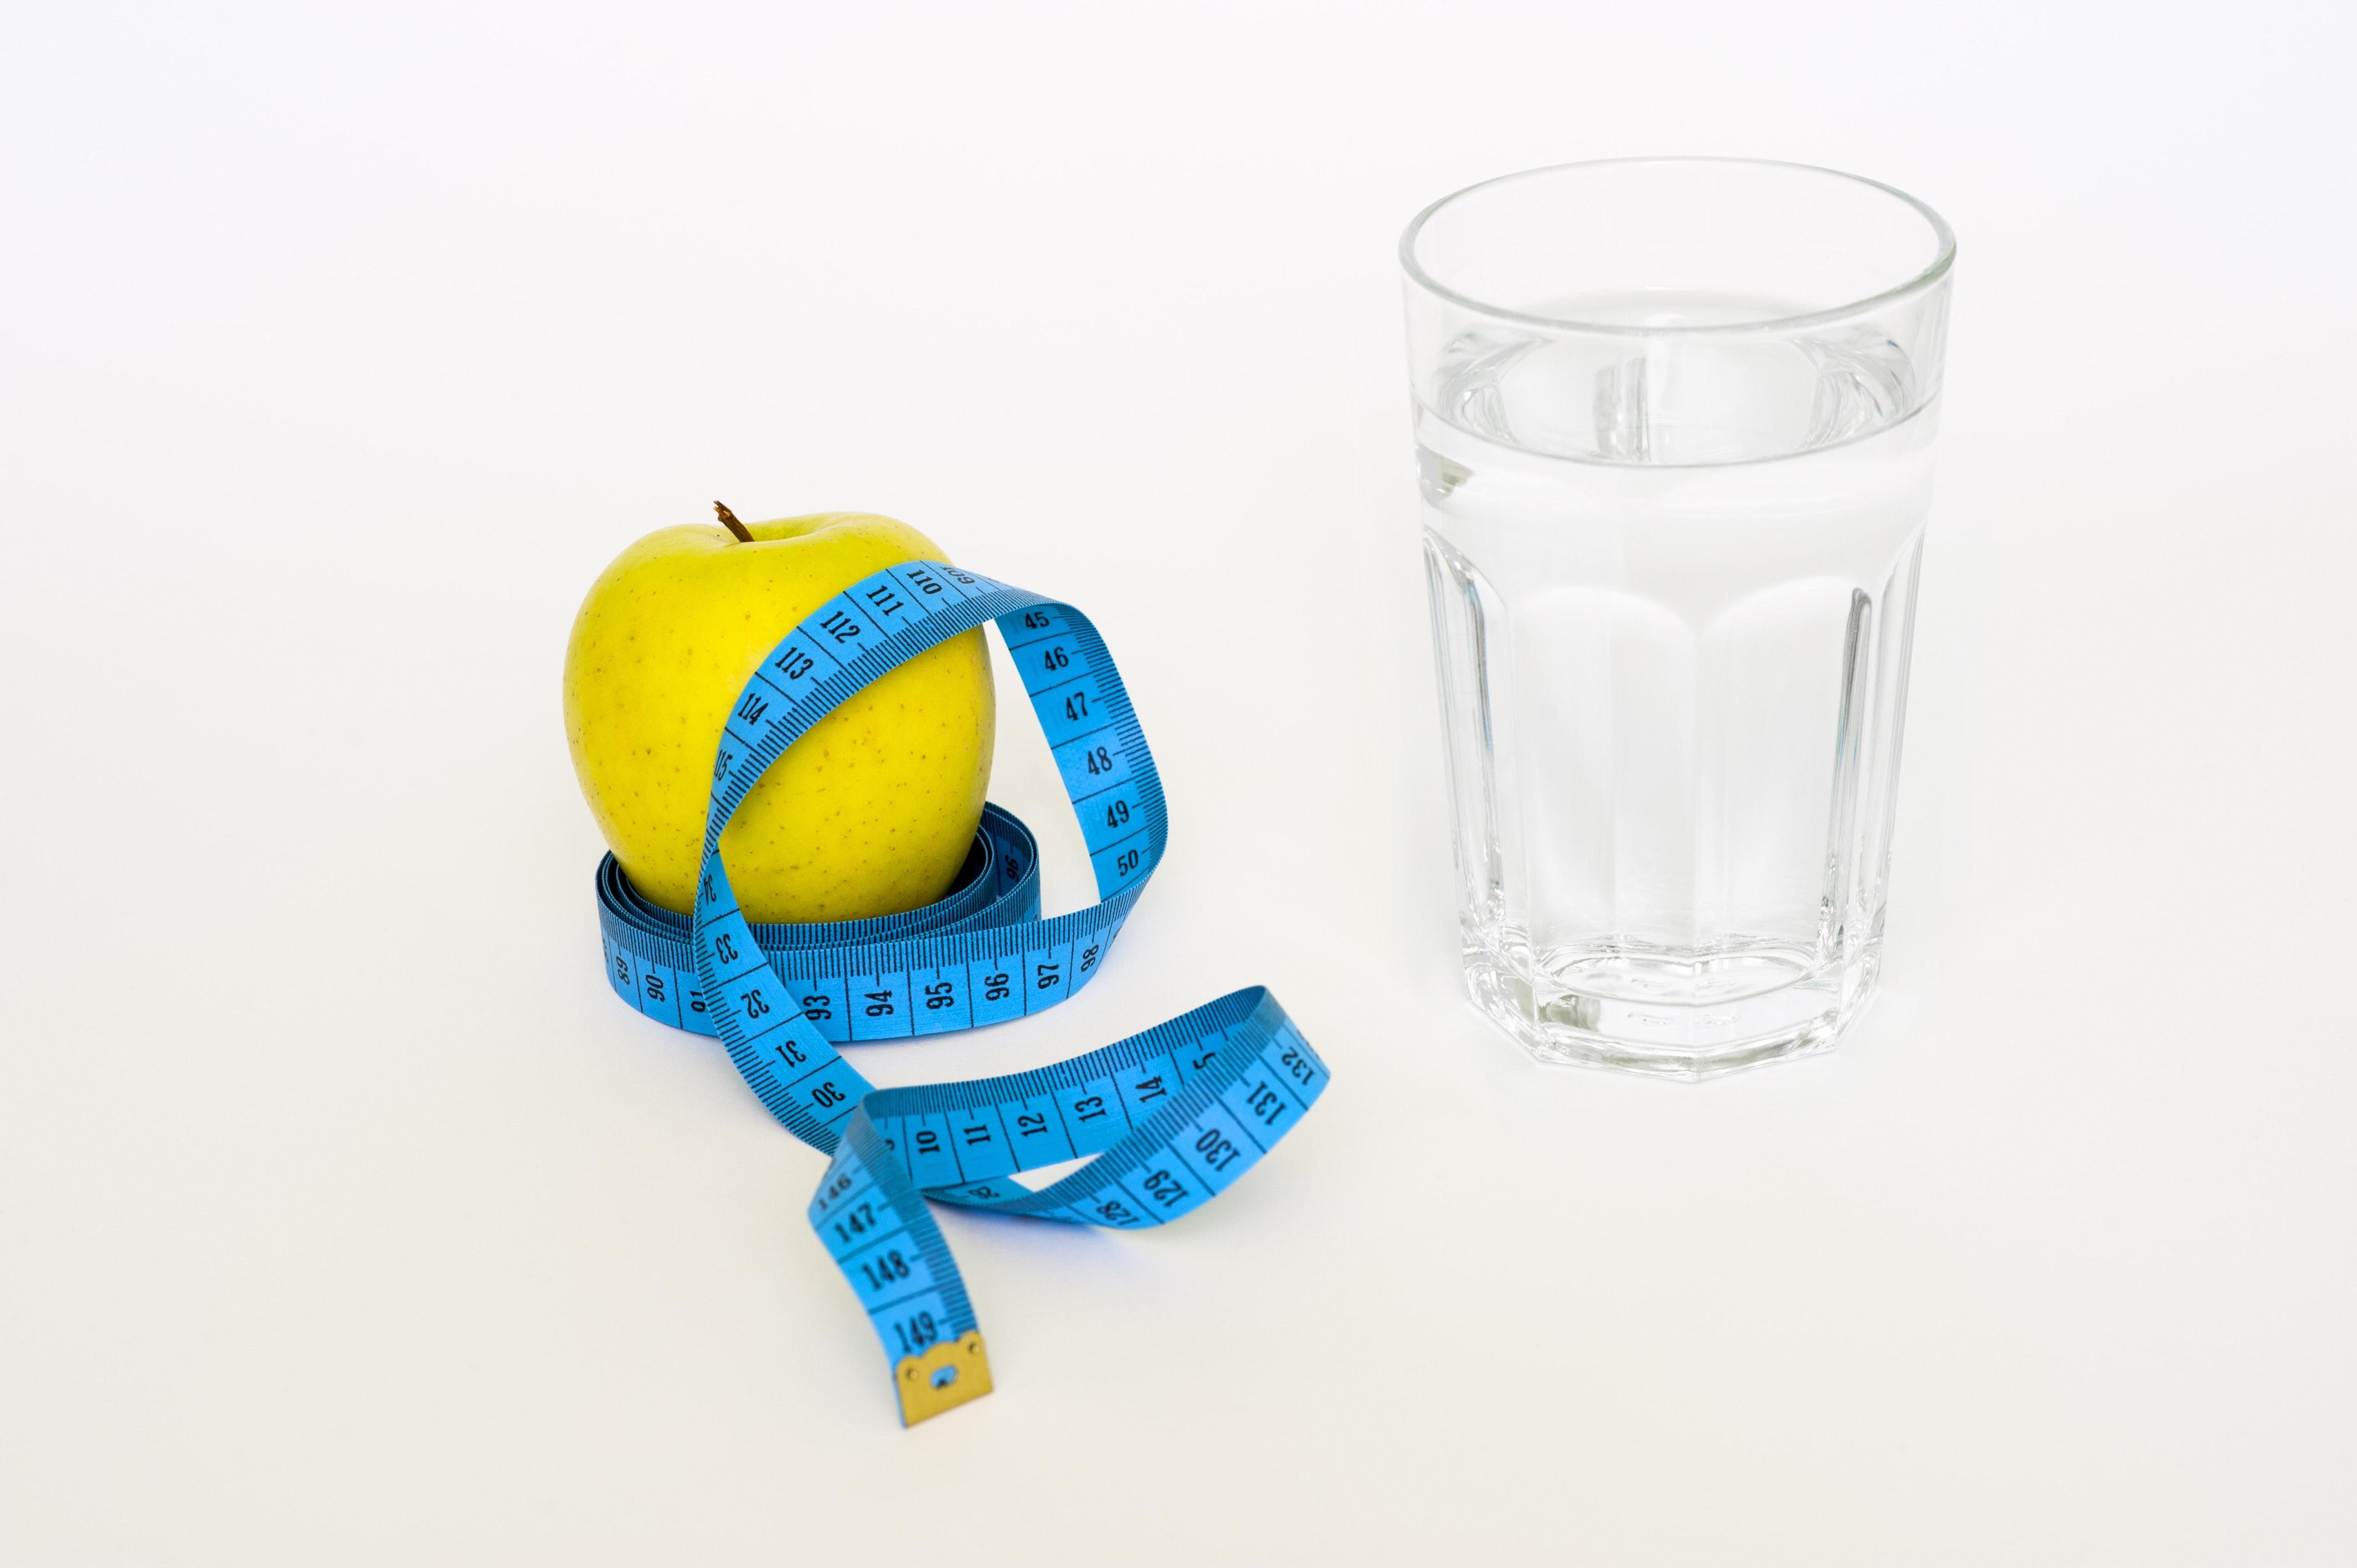 ダイエット,水,痩せる,むくみ